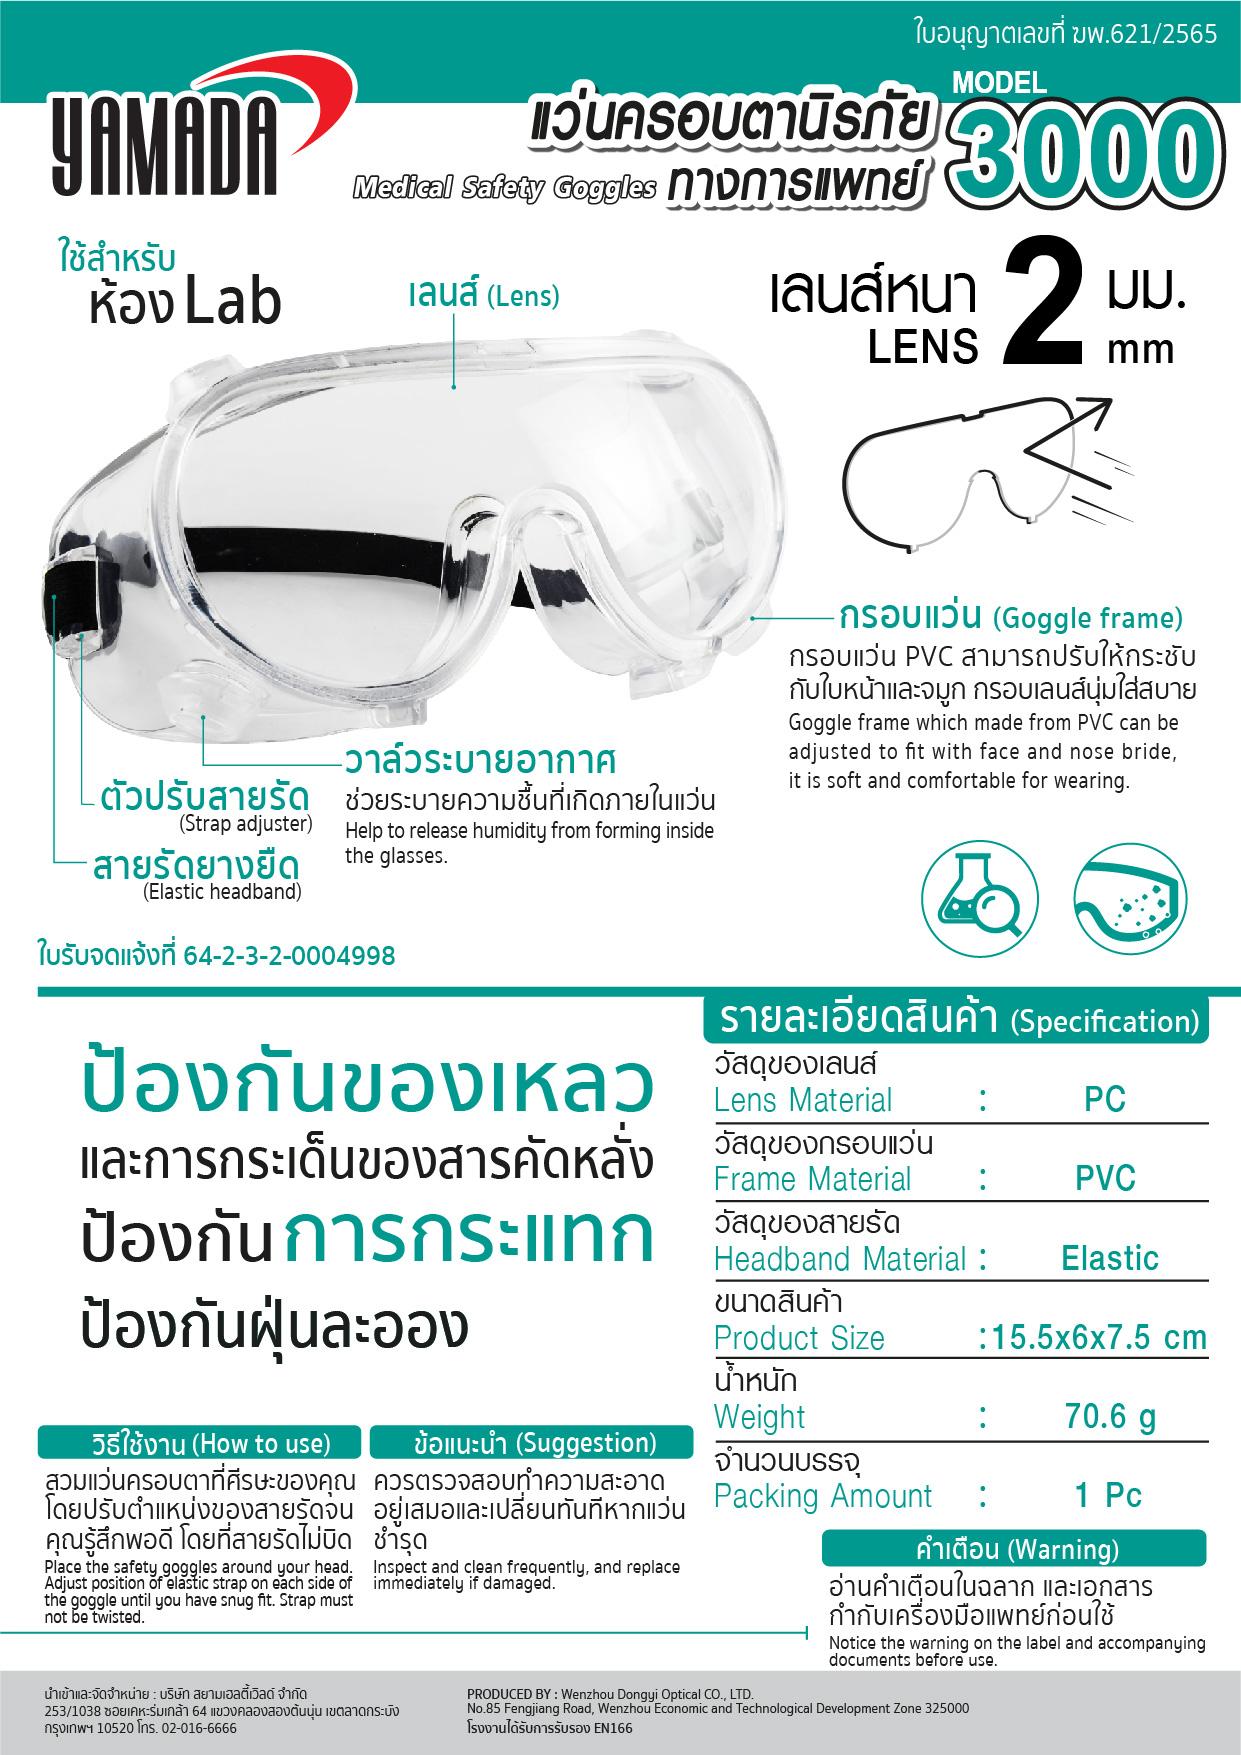 (12/16) แว่นตากันสารเคมี 2009C